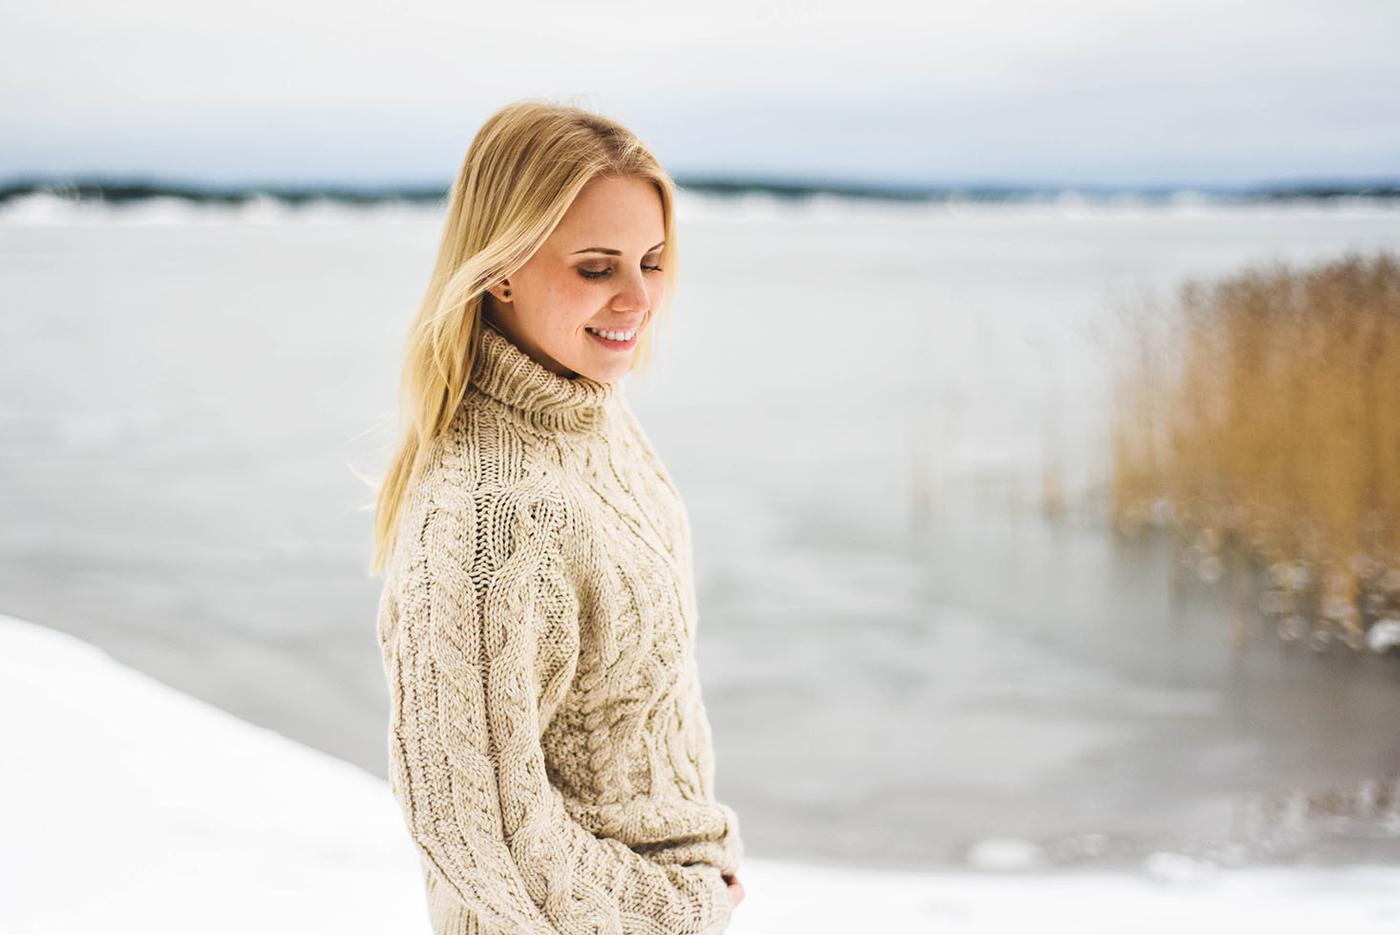 finland-espoo-winter-sundayblondie-2.jpg